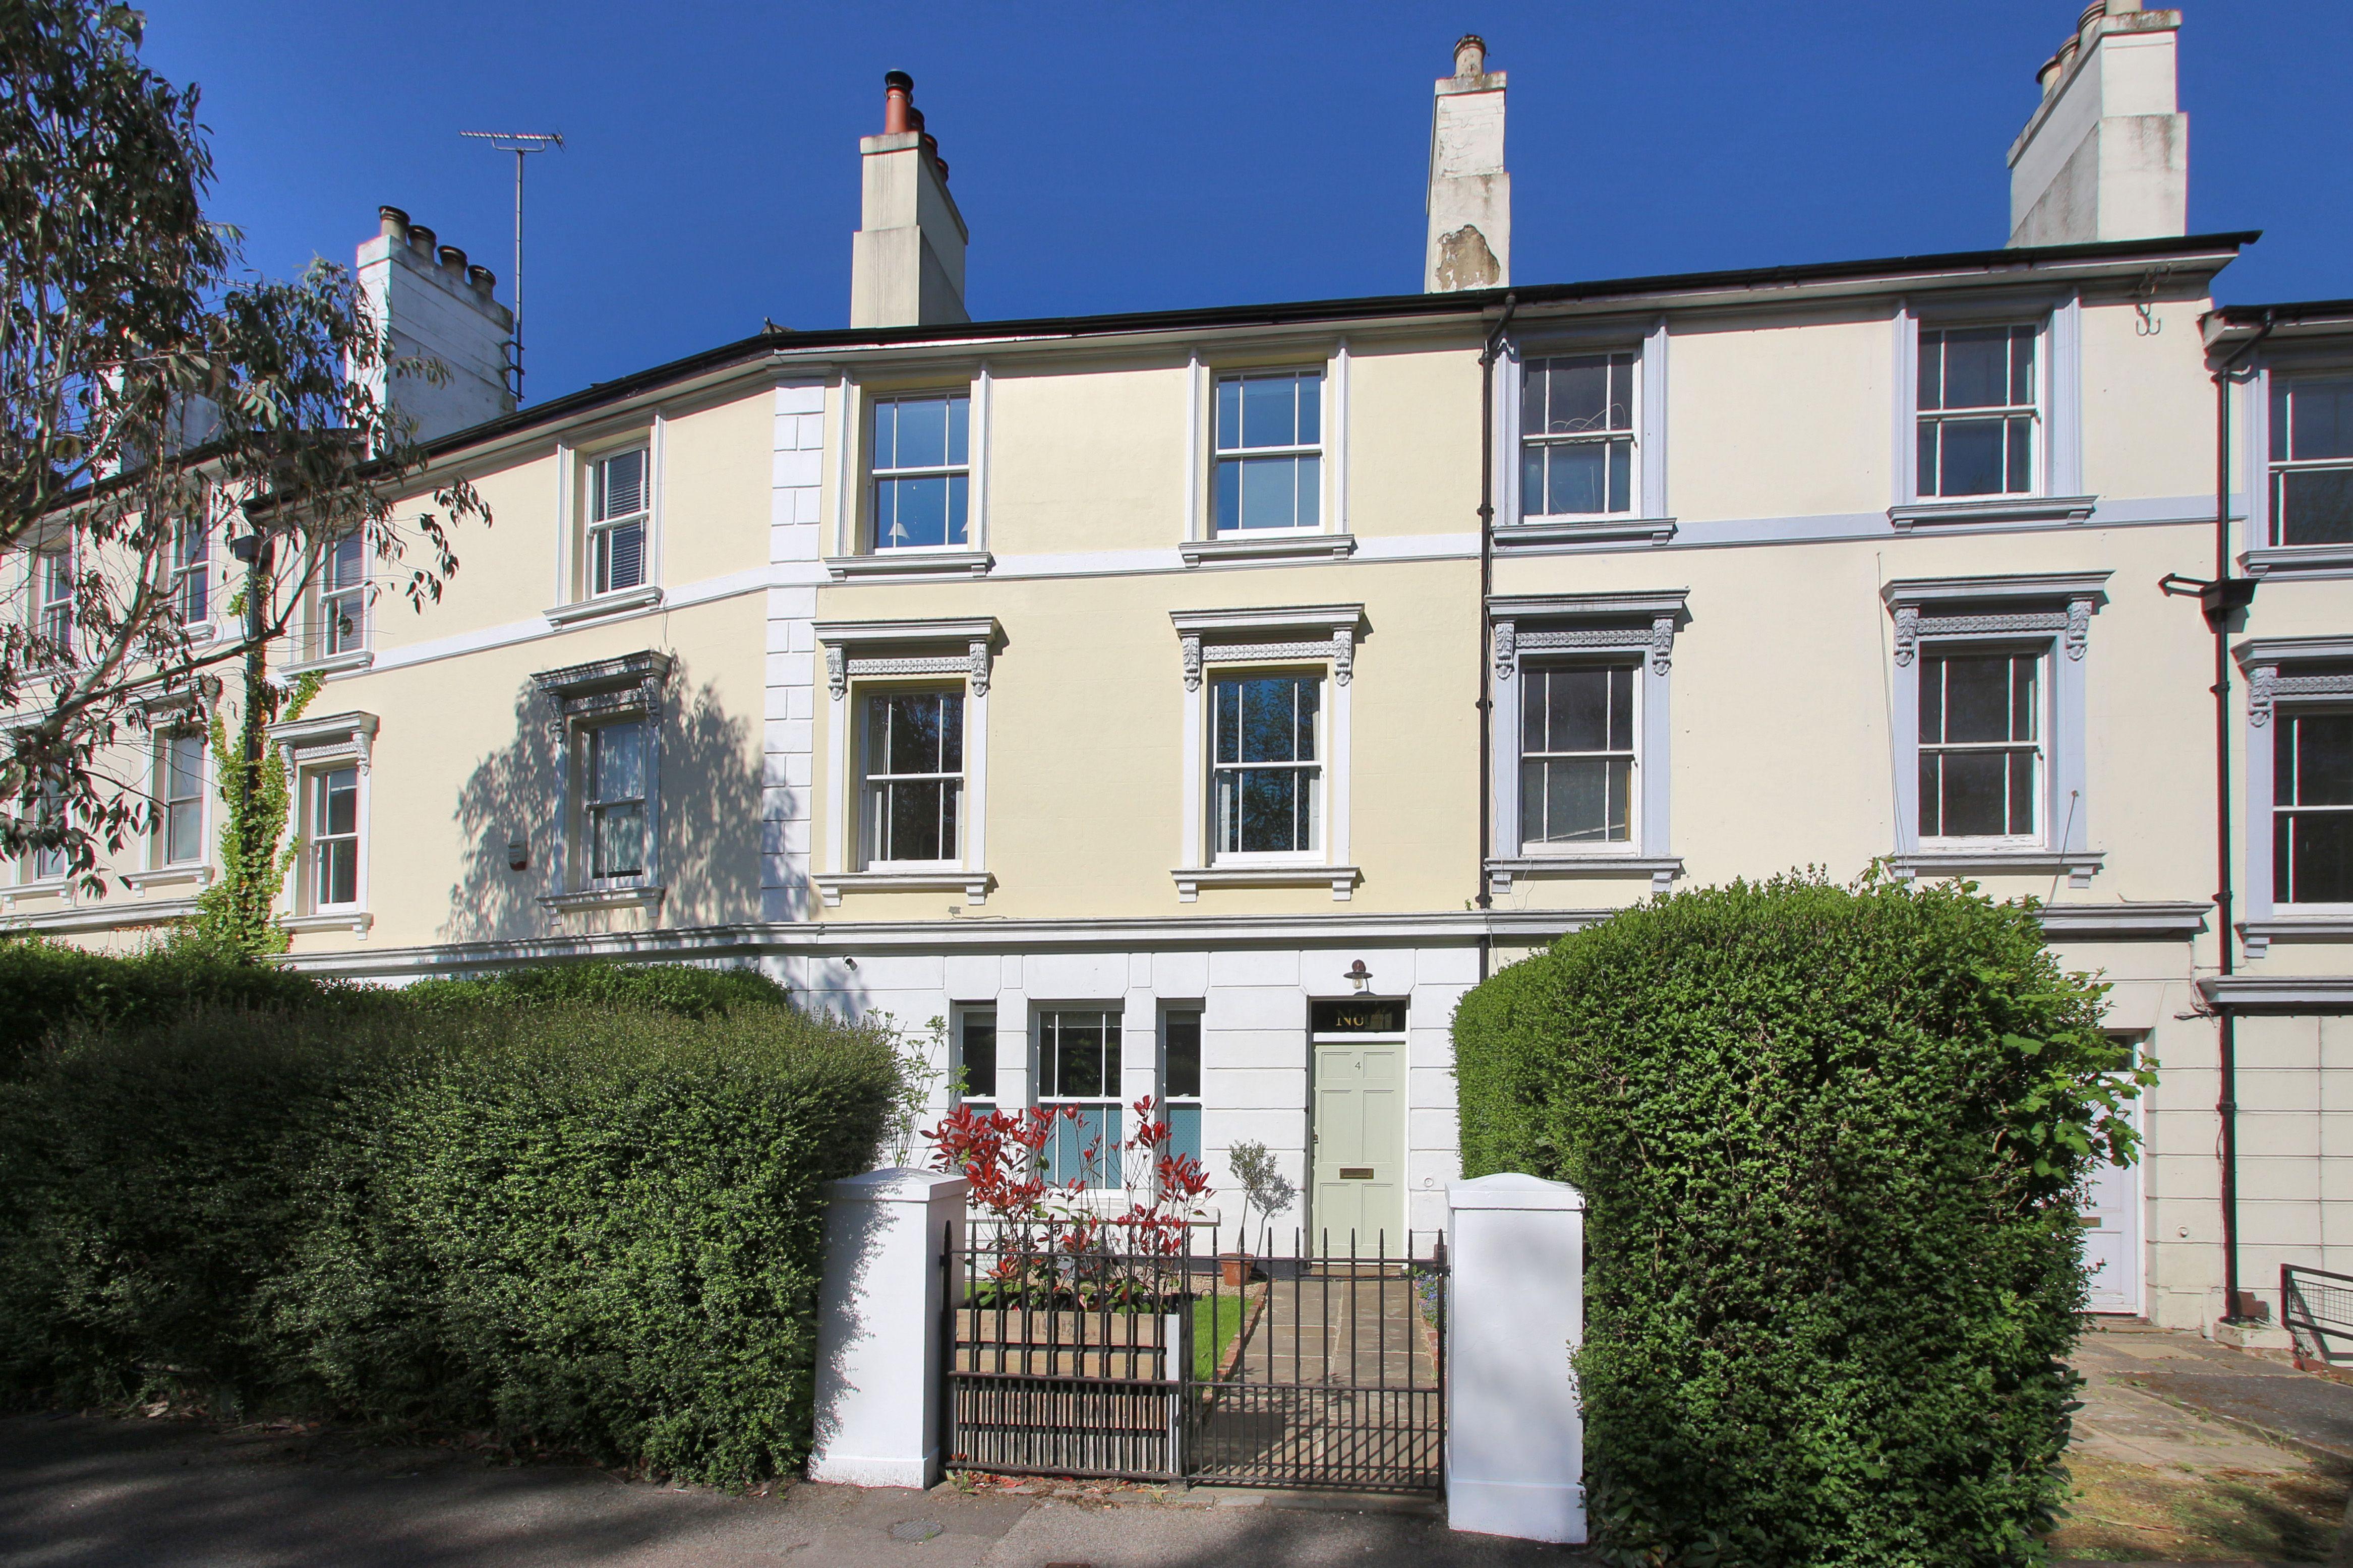 1b680dd7fe585a9dfa39f5b93f146458 - Windsor Gardens London House For Sale